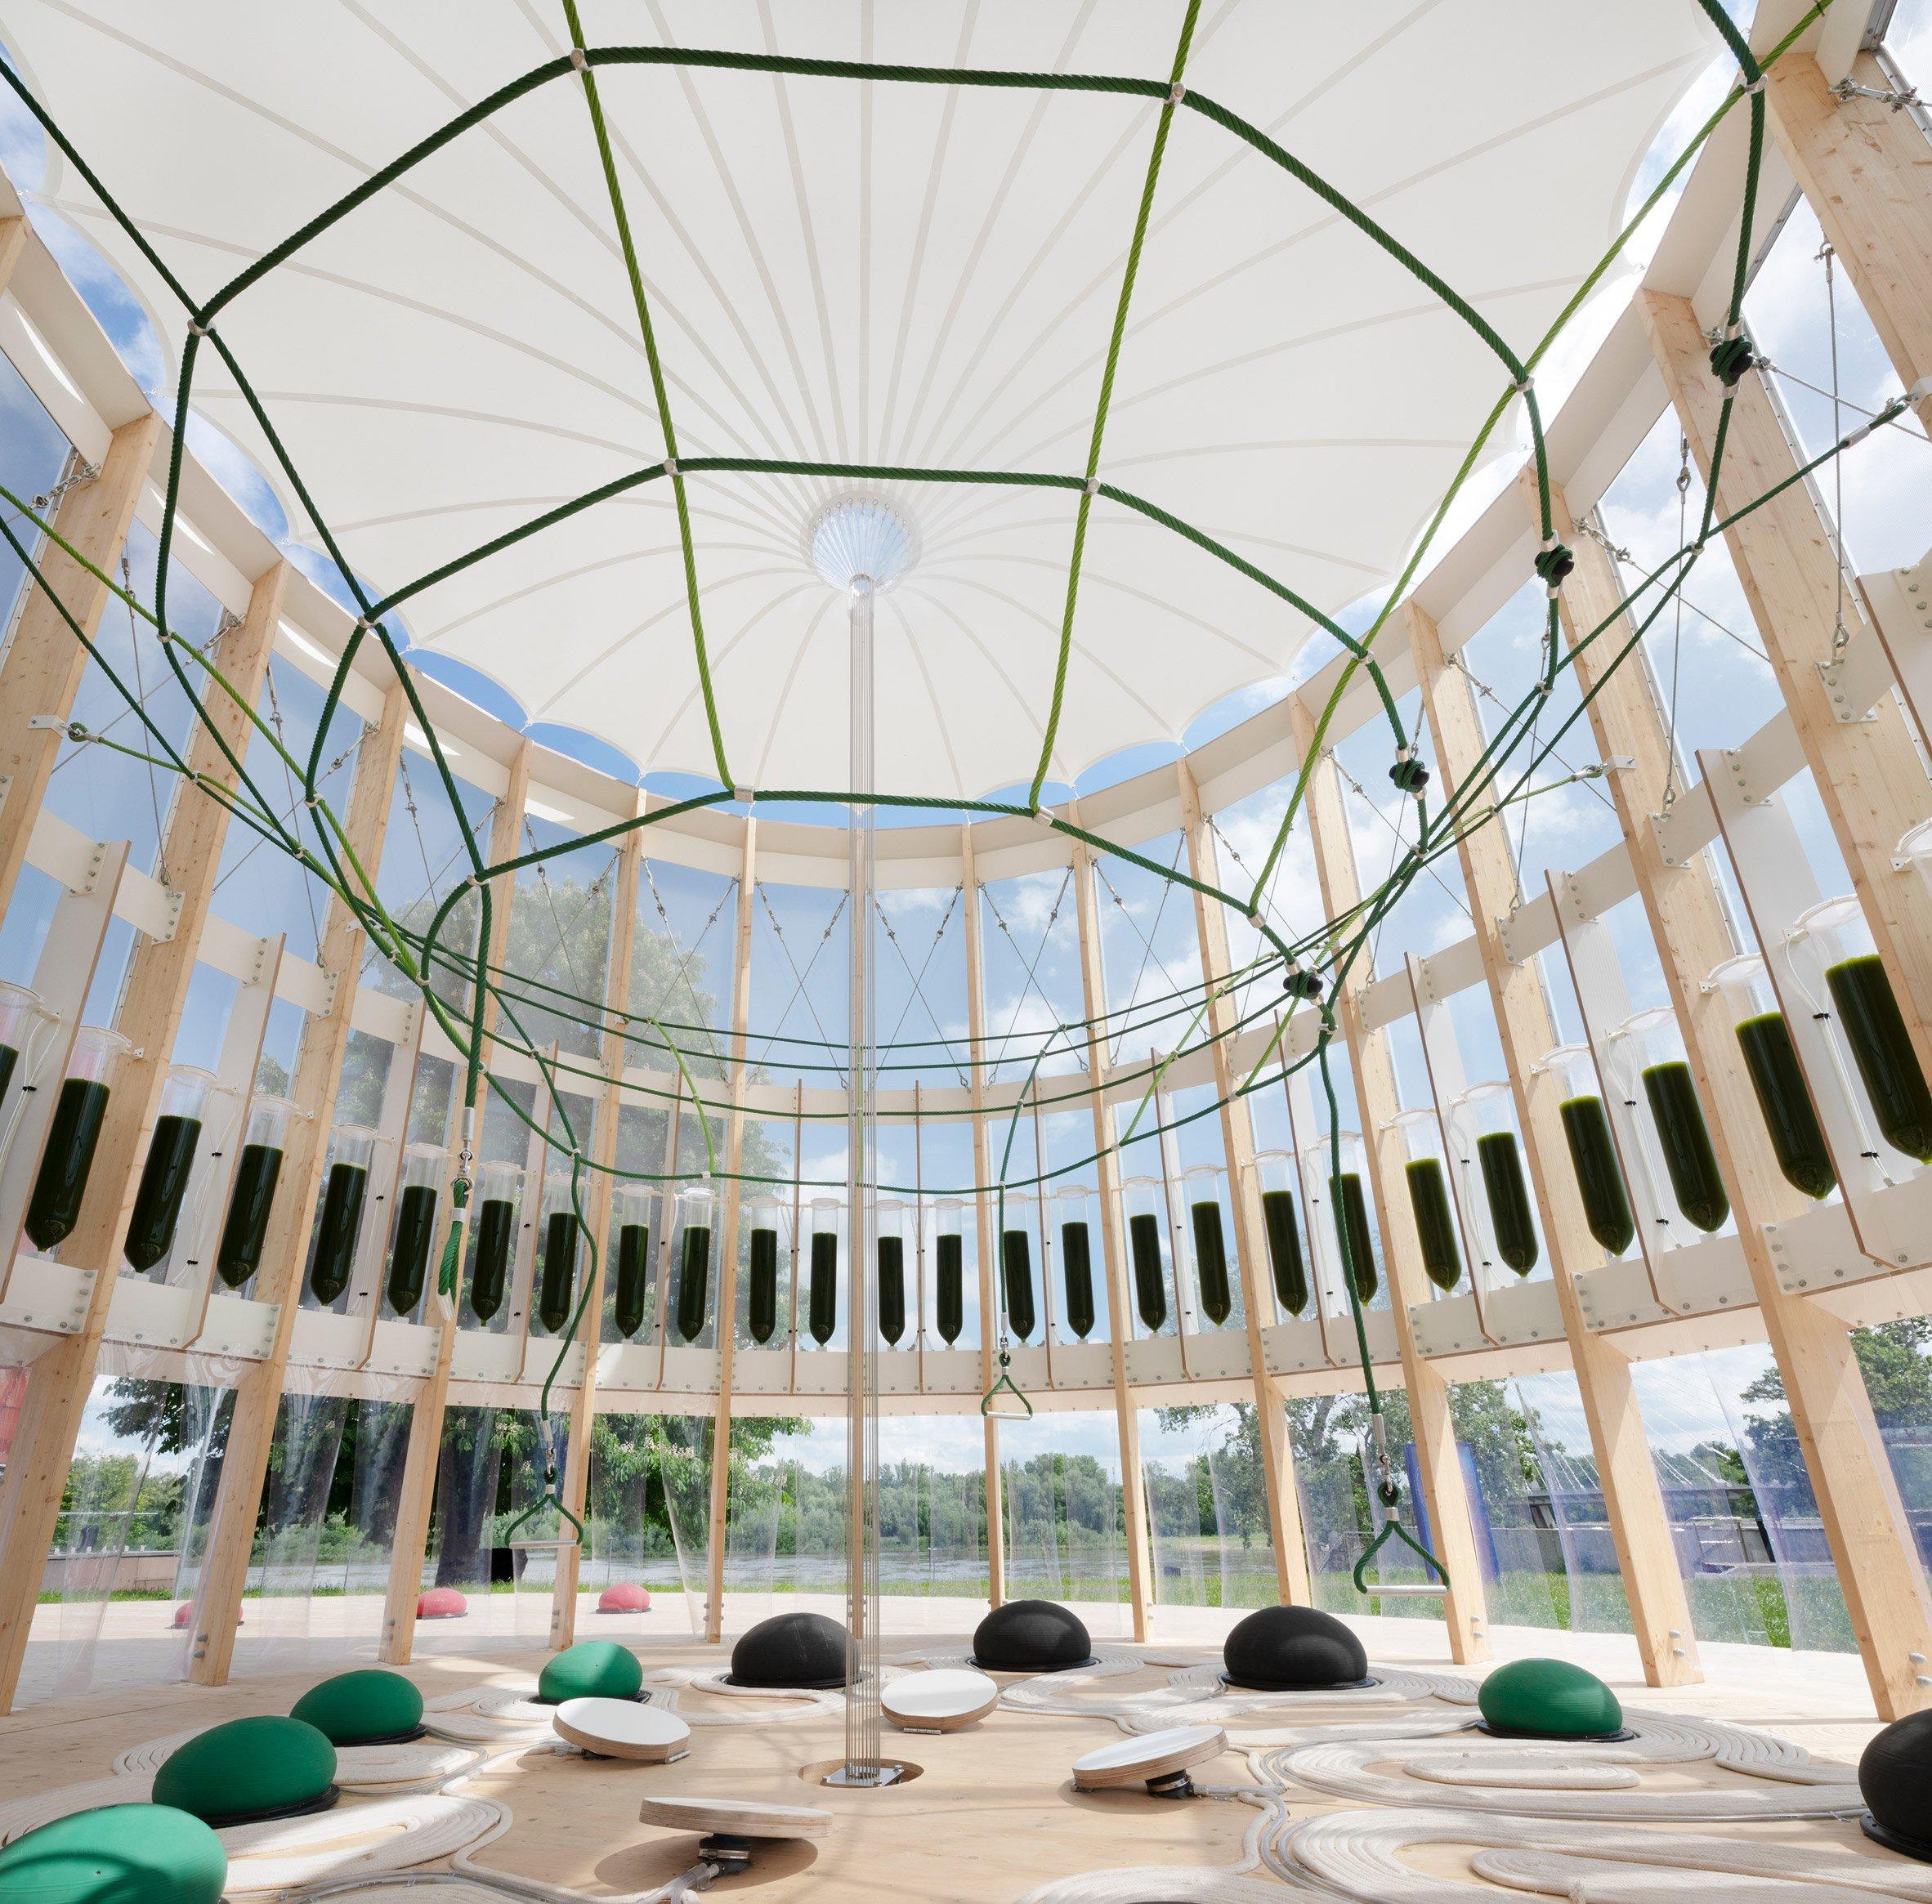 AirBubble interior with ring of algae bioreactors